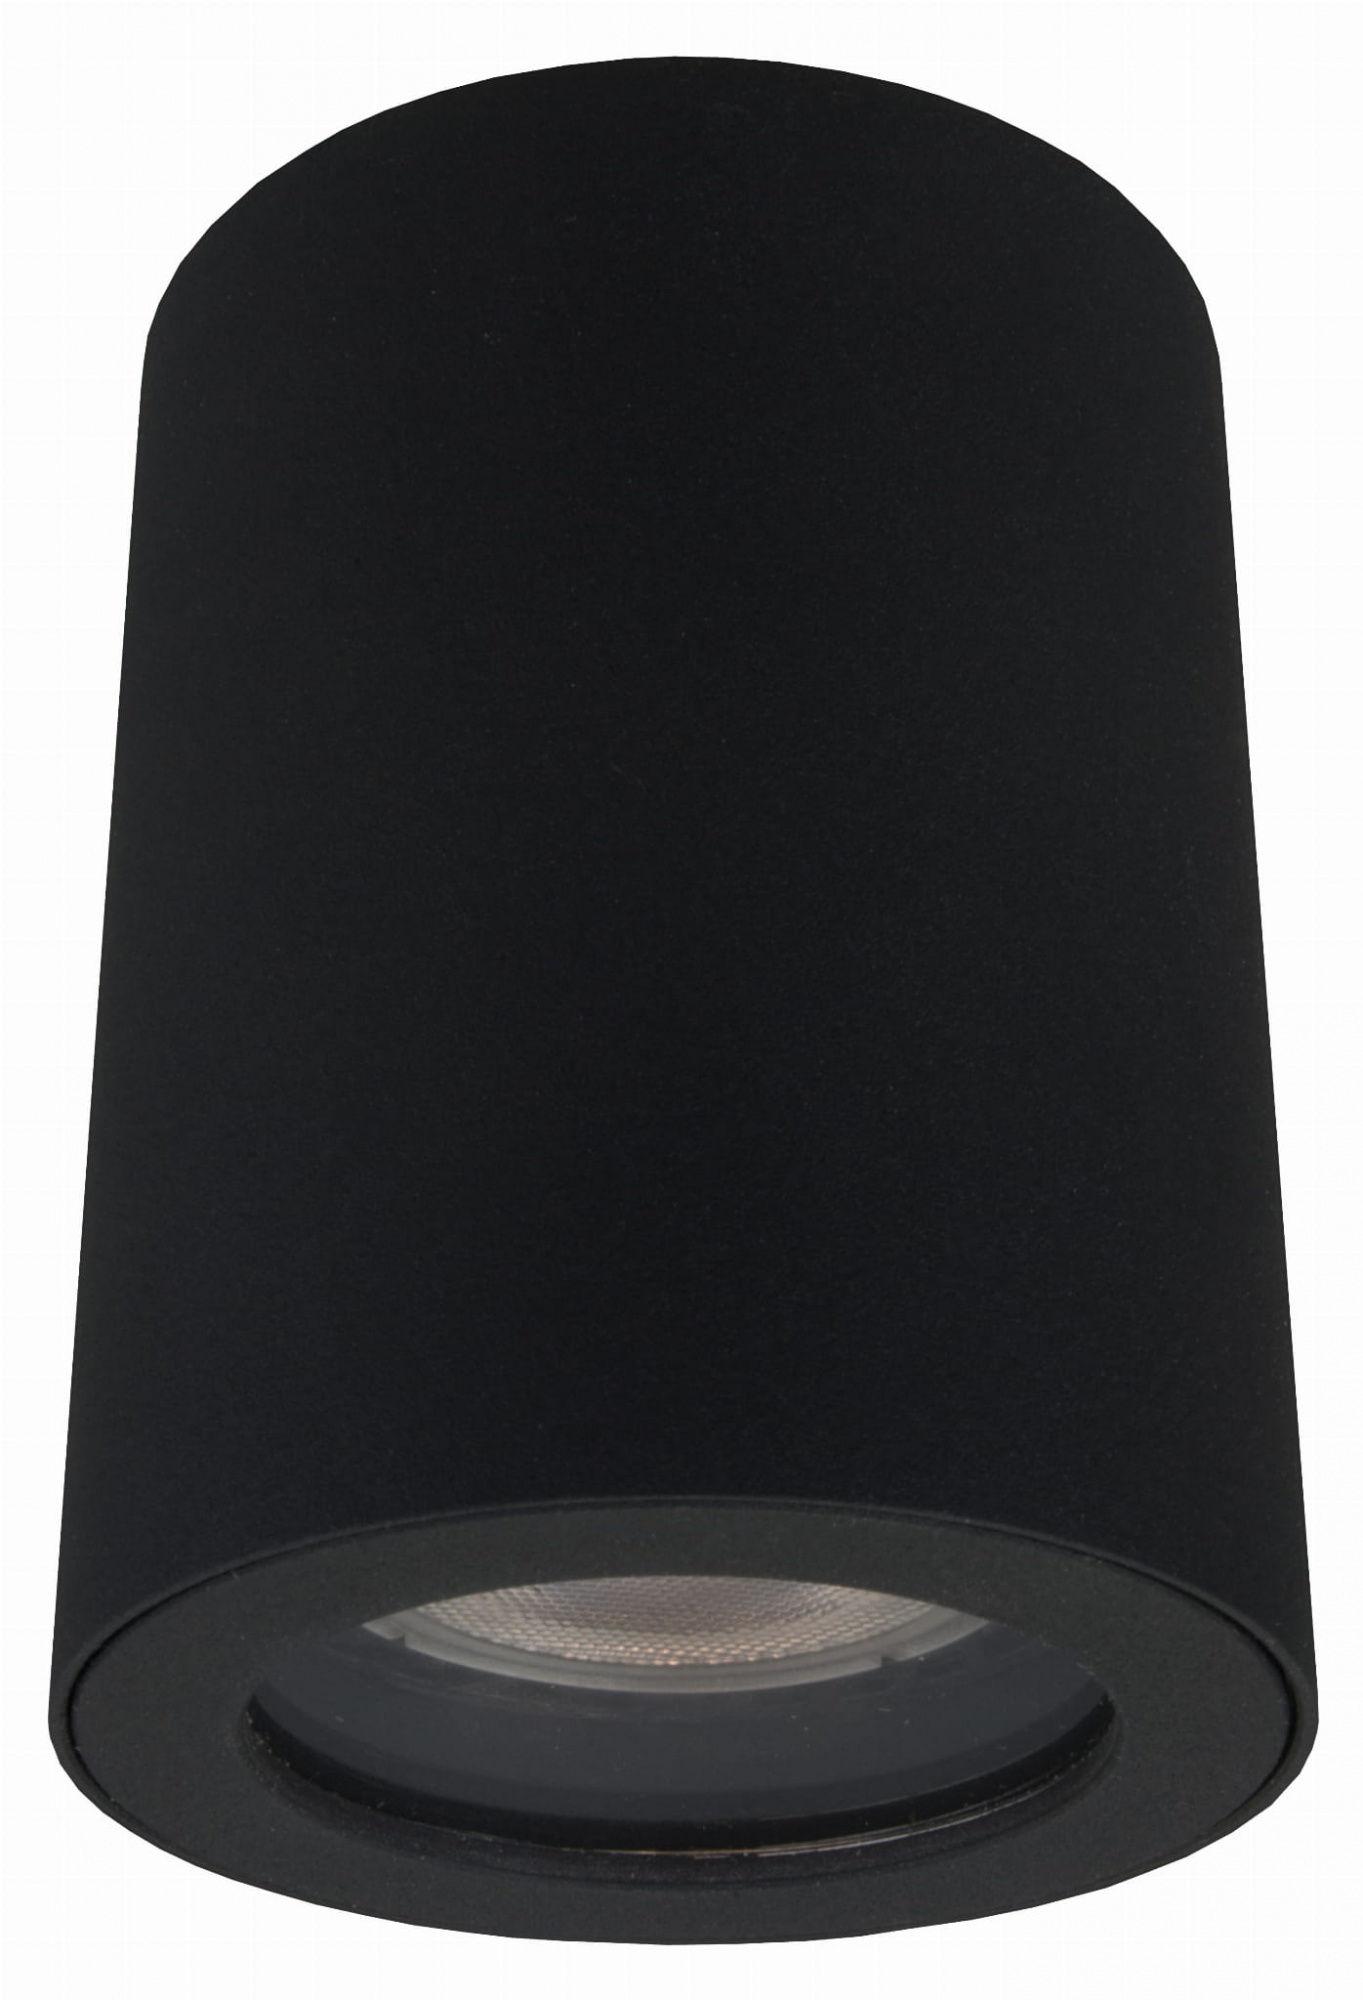 Oprawa natynkowa Faro LP-6510/1SM BK Light Prestige pojedyńcza oprawa w kolorze czarnym